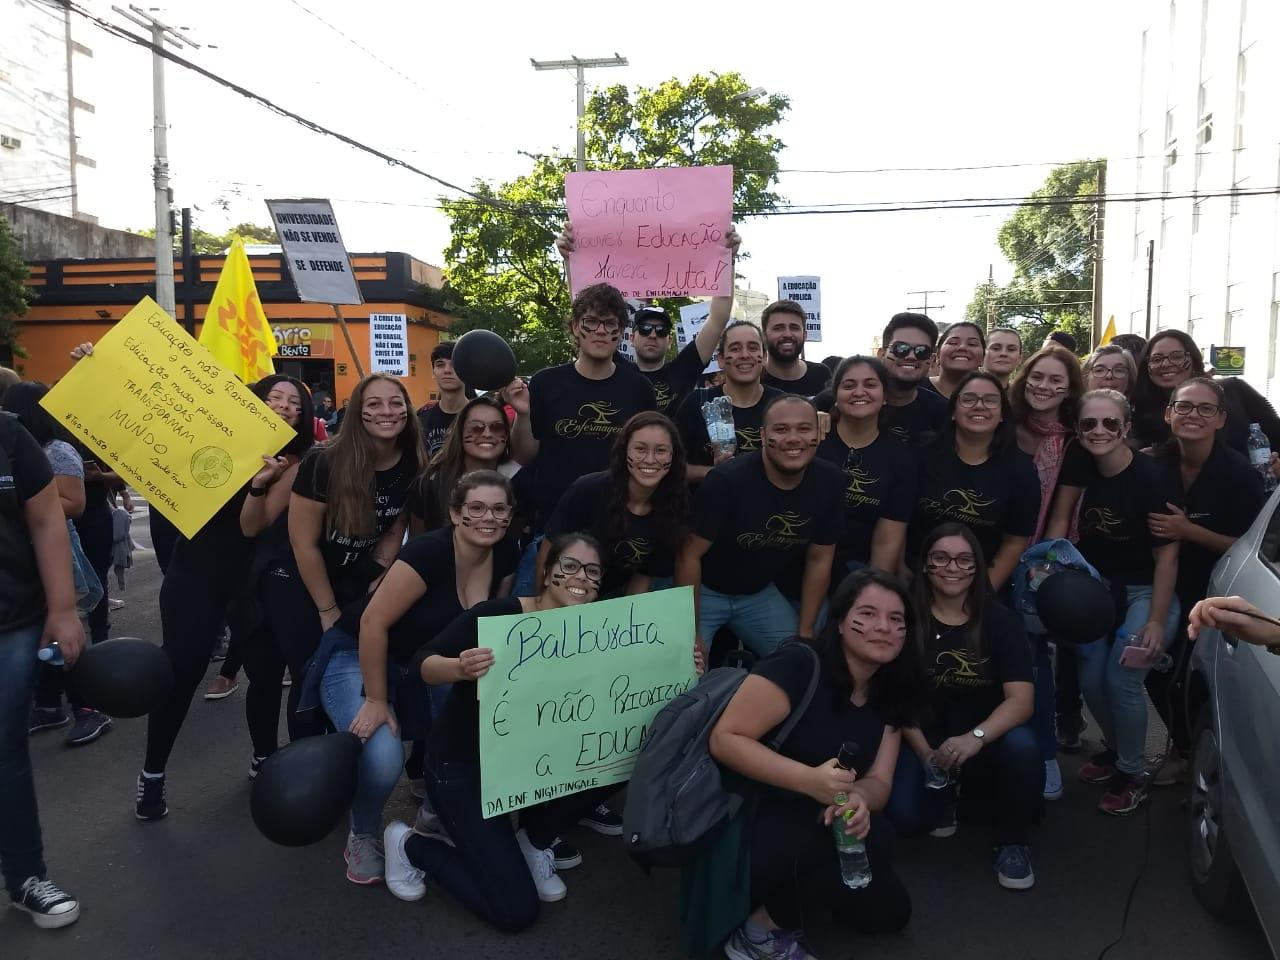 Uruguaiana reuniu a comunidade em manifestações no centro da cidade. Fotos: Divulgação